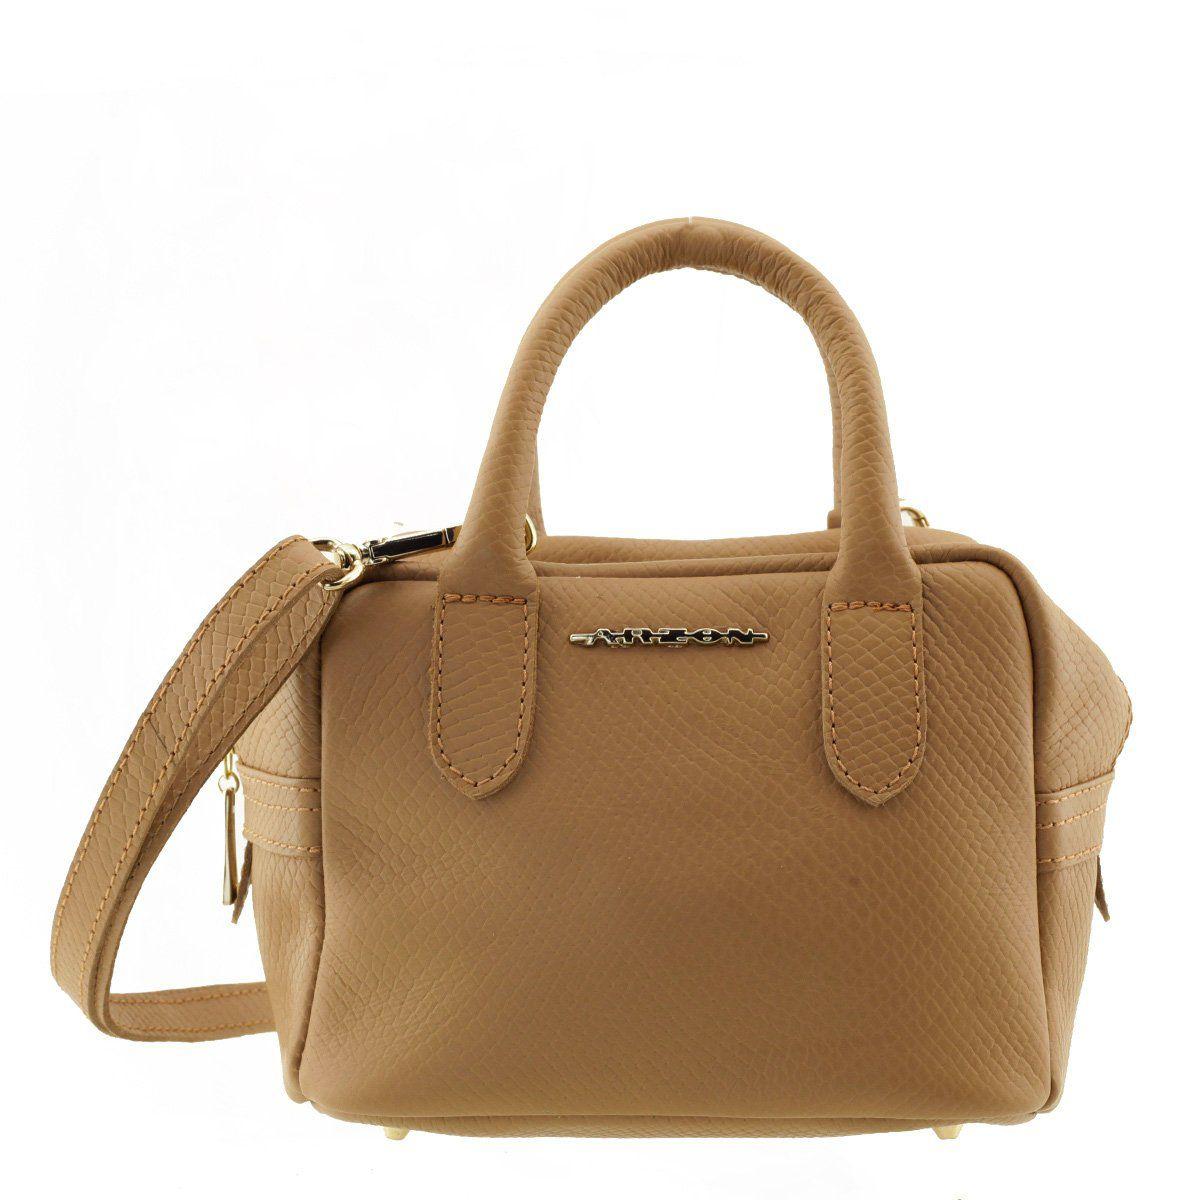 9fe3afd6e3 Bolsa Feminina Pequena De Mão Em Couro Camel